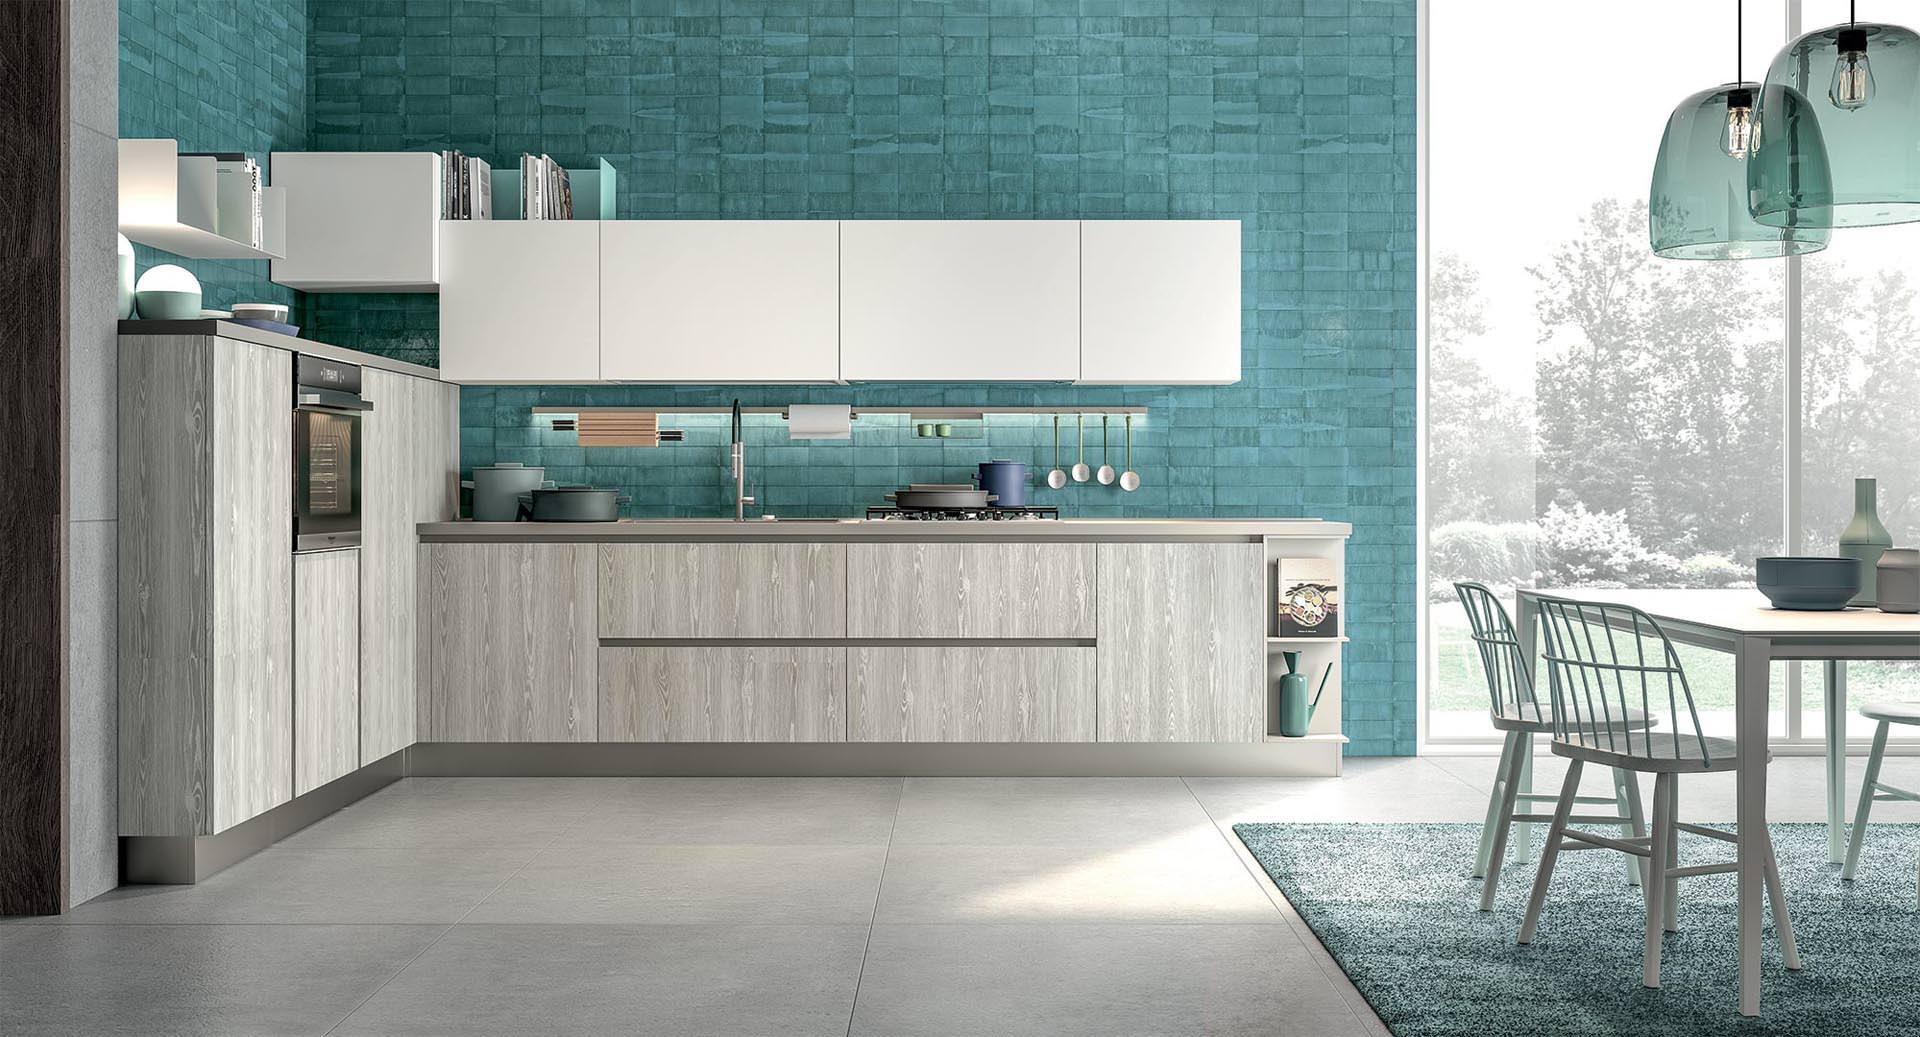 Ricambi Cucine Lube Napoli cucina lube immagina plus - molteplici soluzioni per una